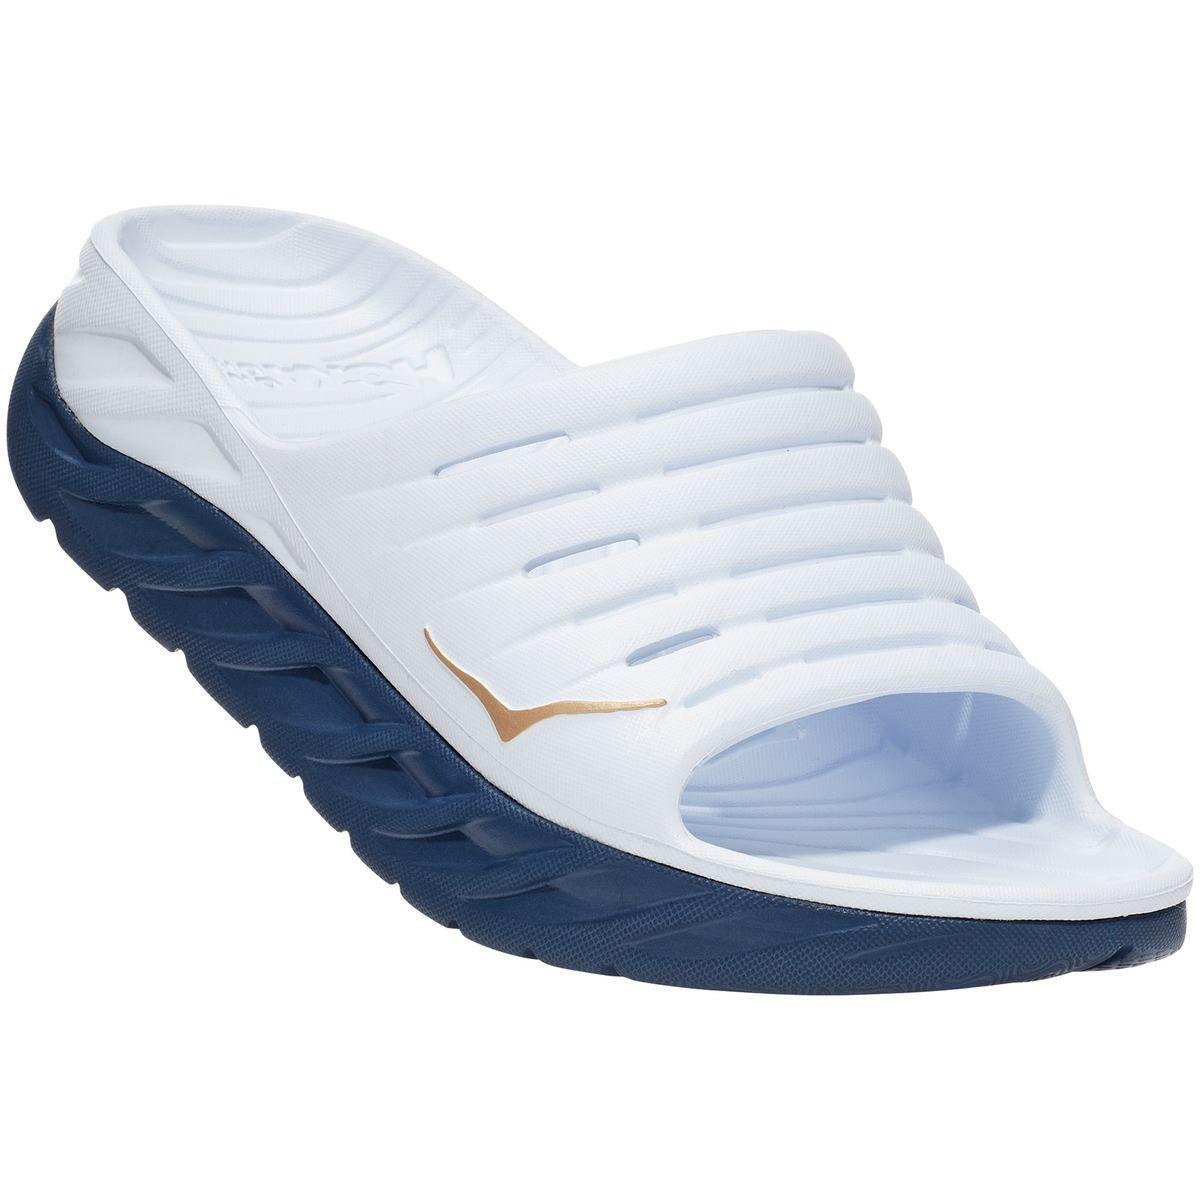 Hvit slippers med blå såle til dame